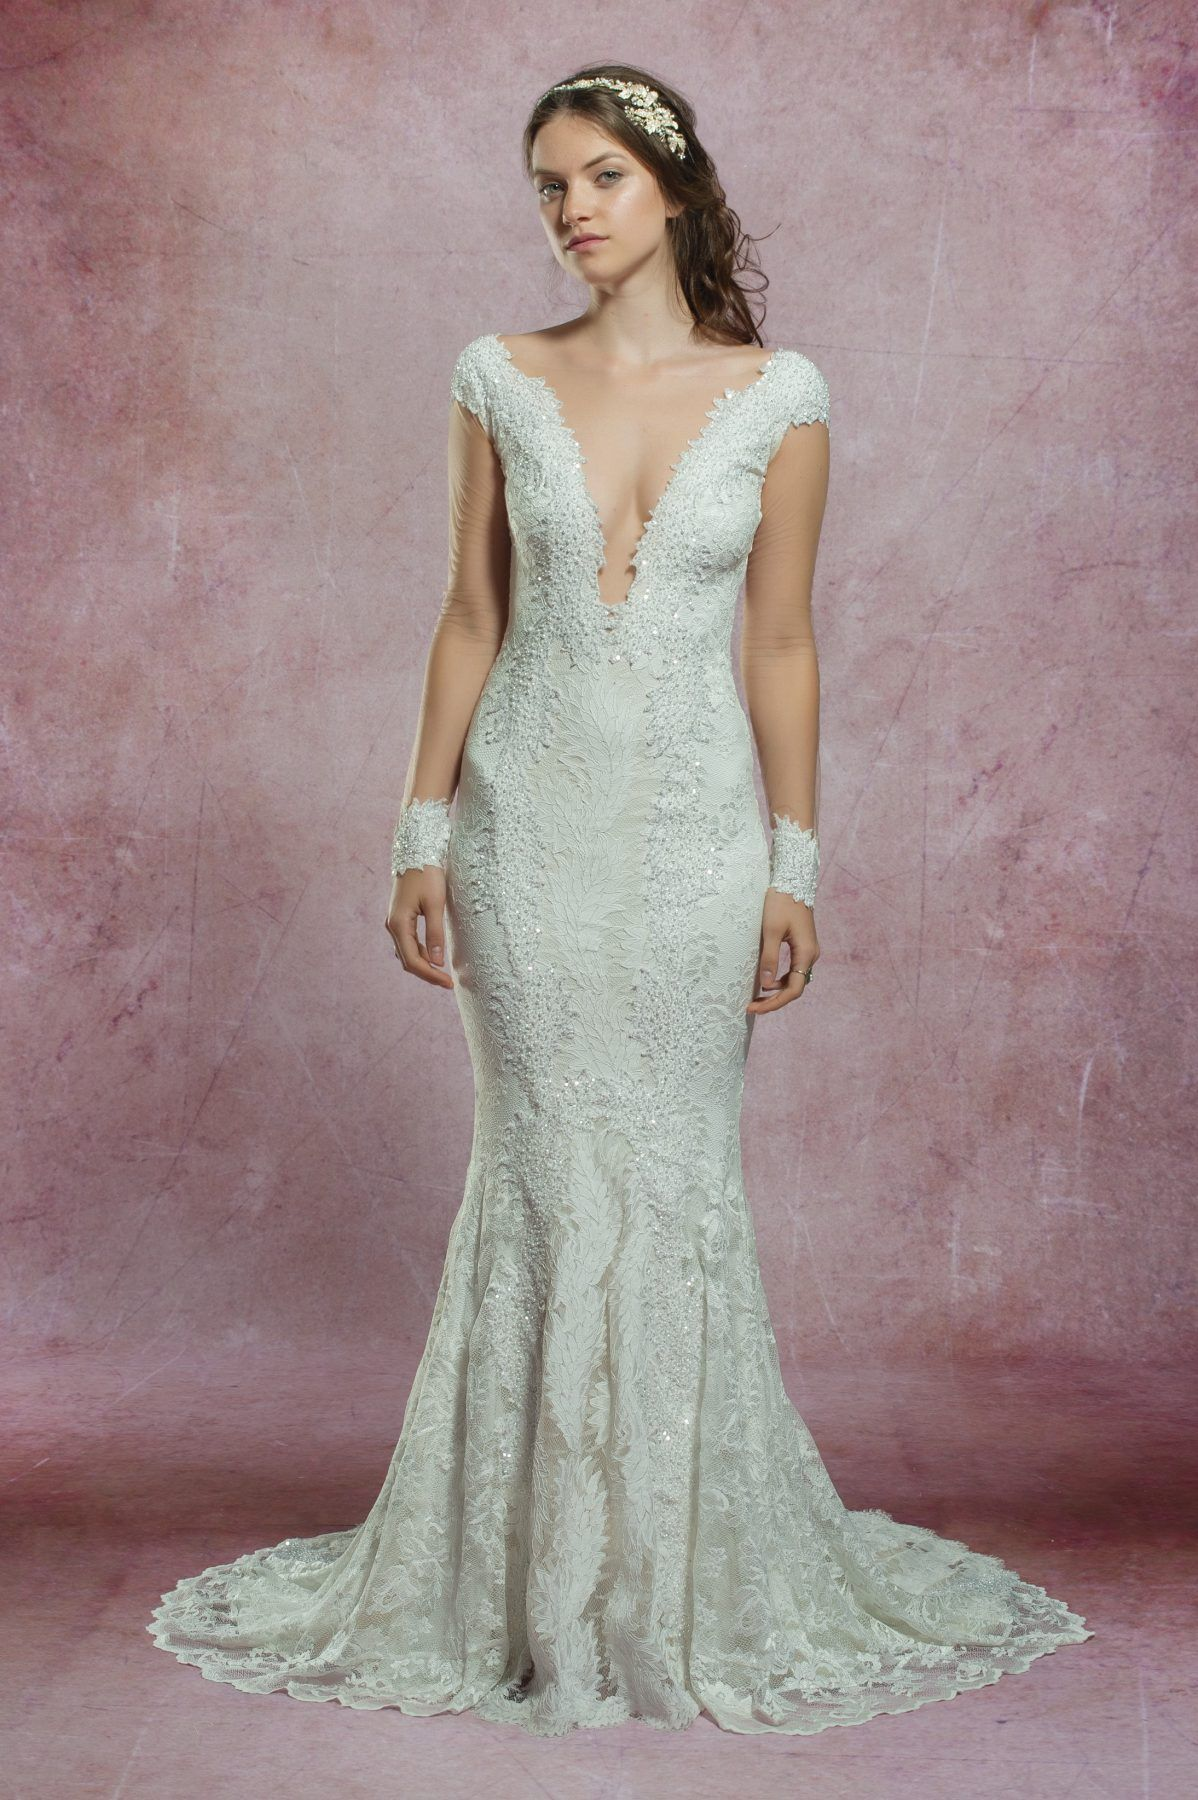 Long sleeve v neck wedding dress  Illusion long sleeve Vneck lace fit and flare wedding dress